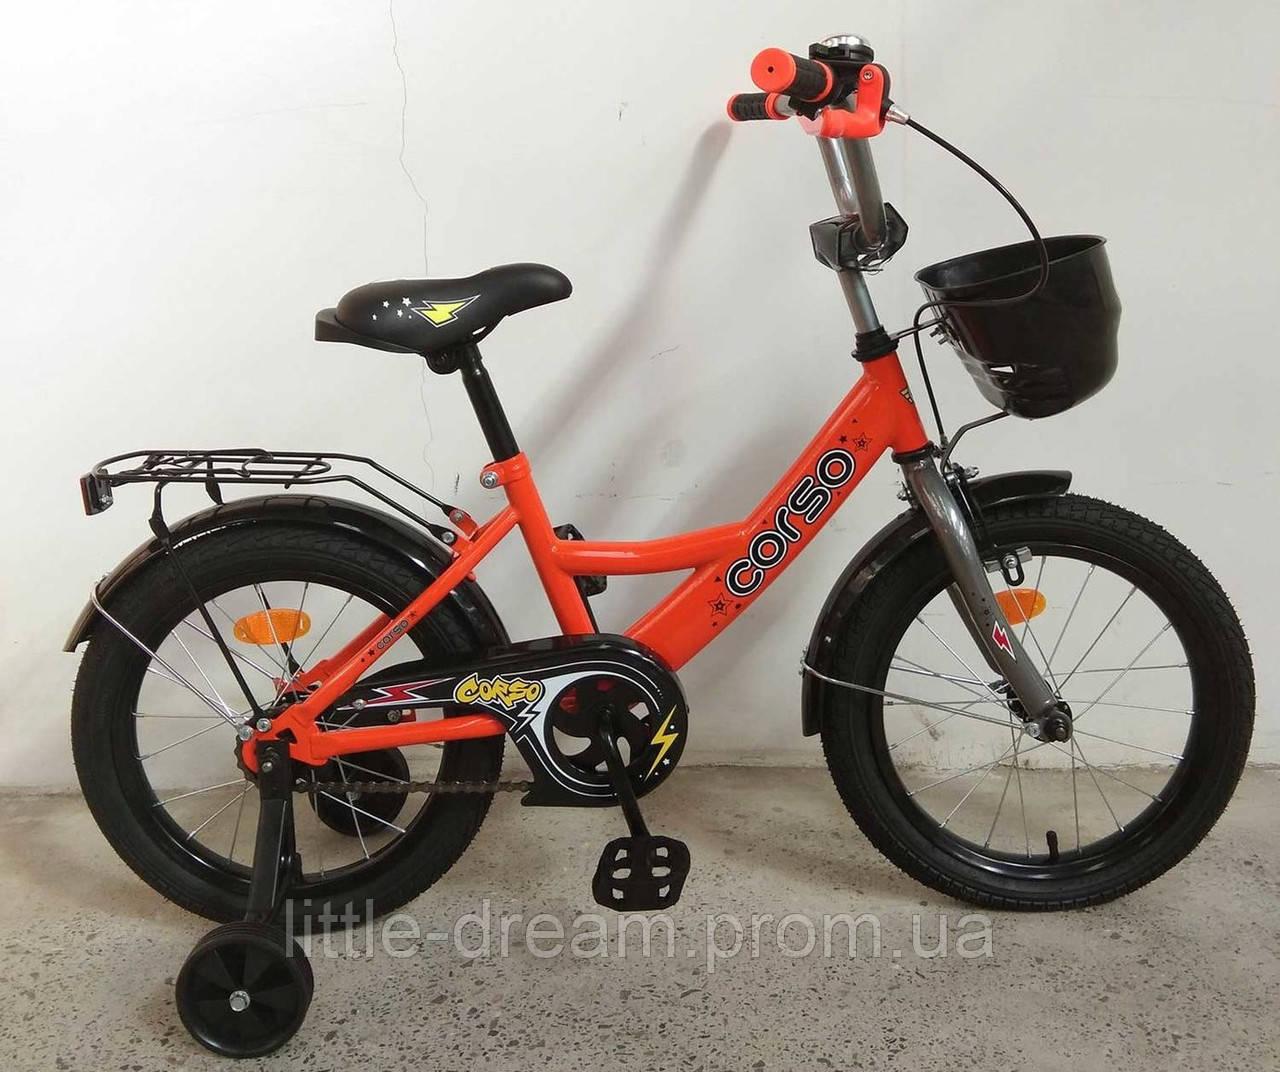 """Детский двухколесный велосипед 16"""" с ручным тормозом и родительской ручкой на сидении Corso G-16002 оранжевый"""